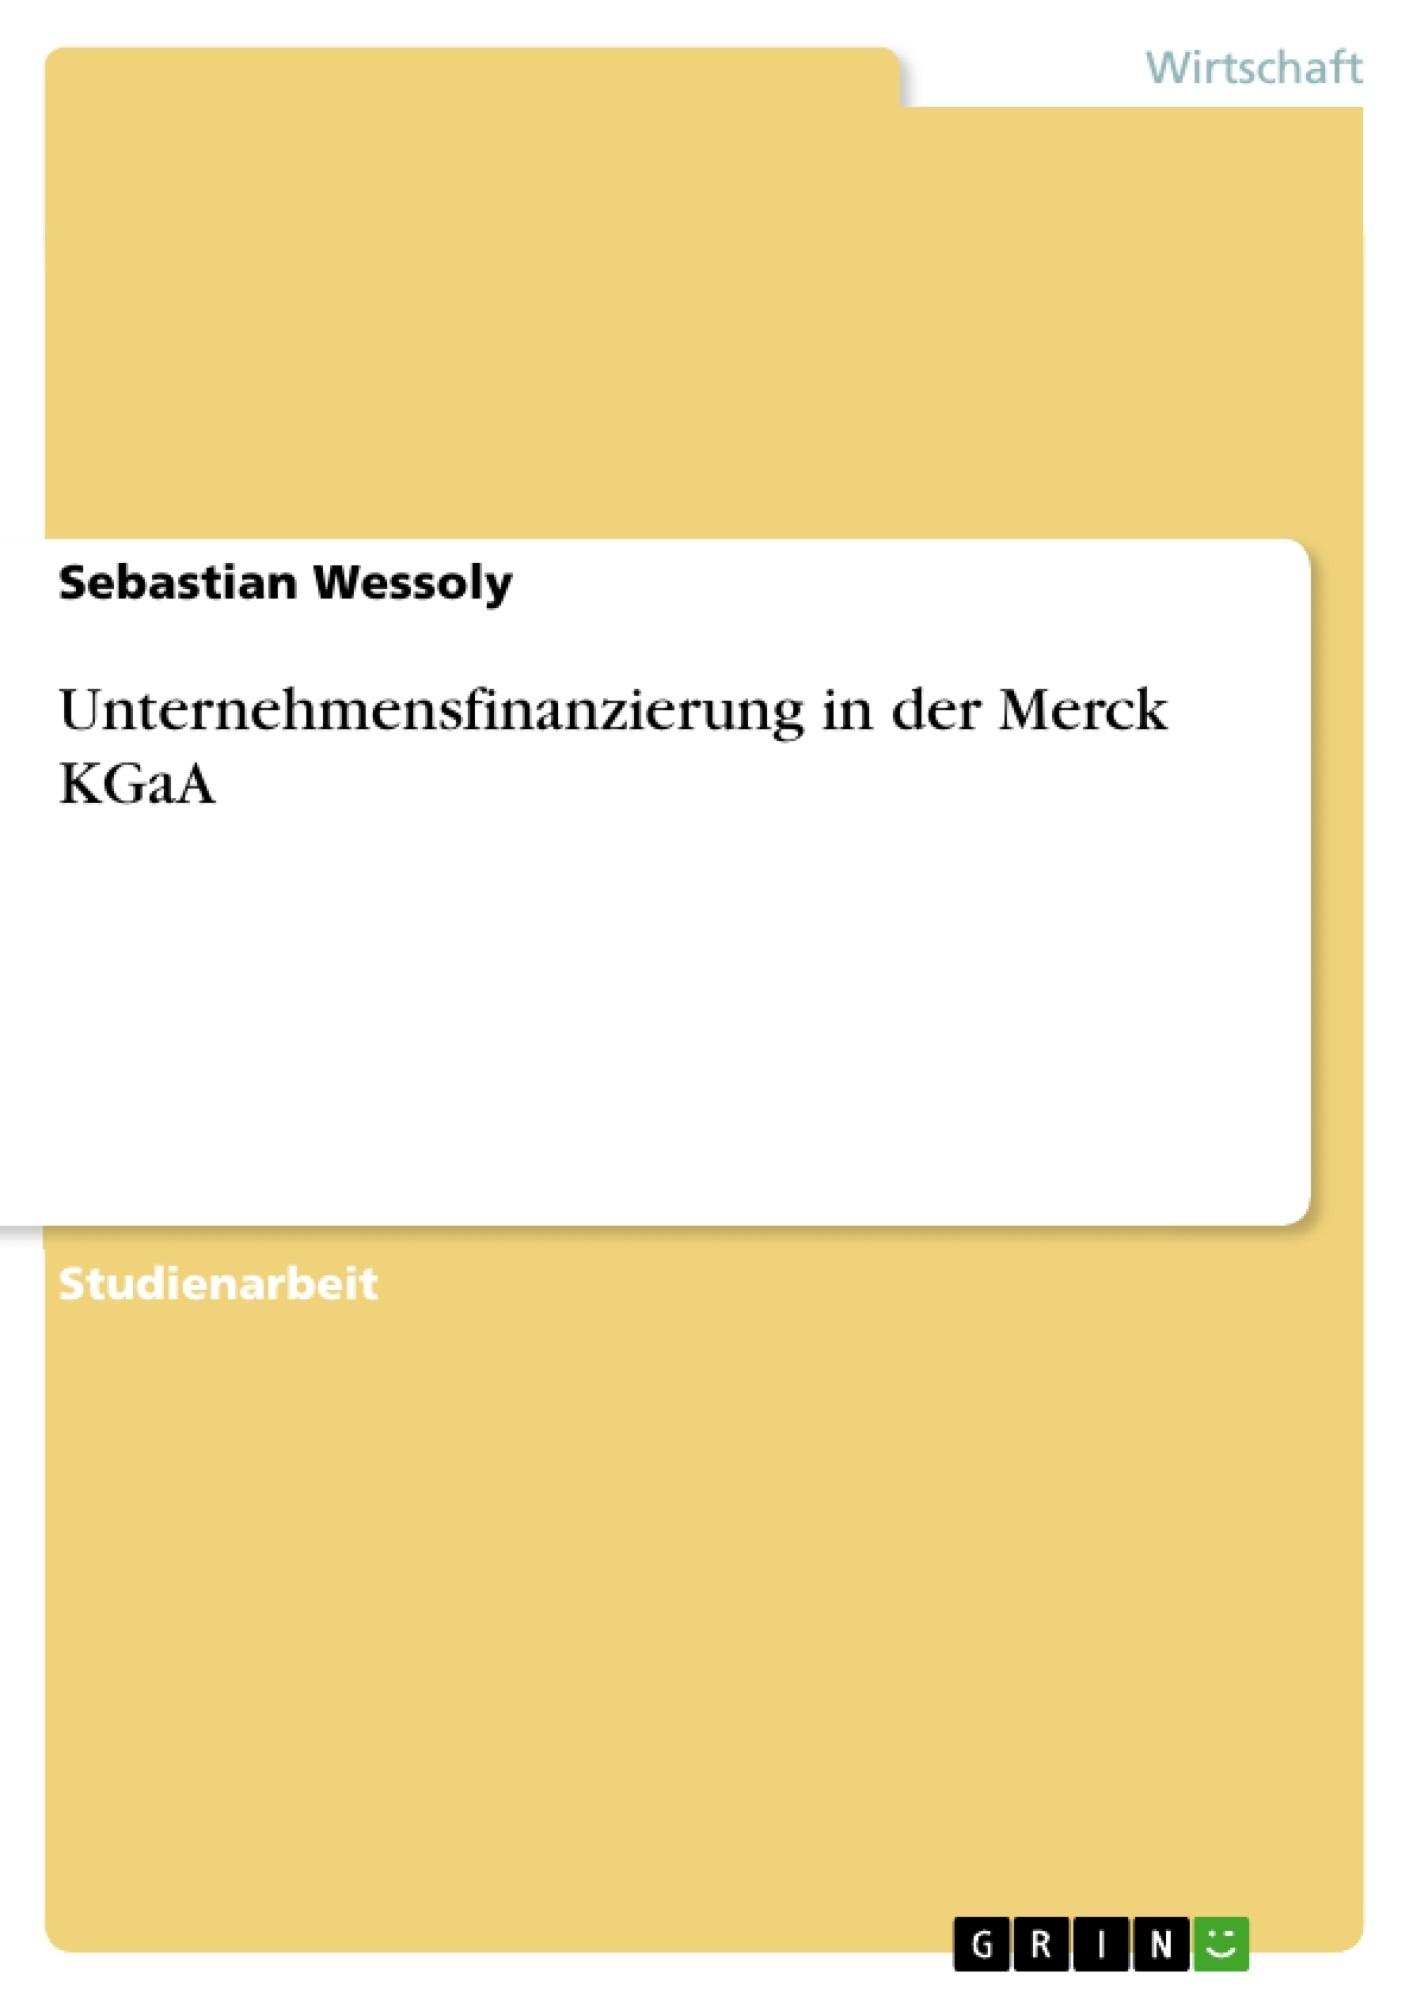 Titel: Unternehmensfinanzierung in der Merck KGaA